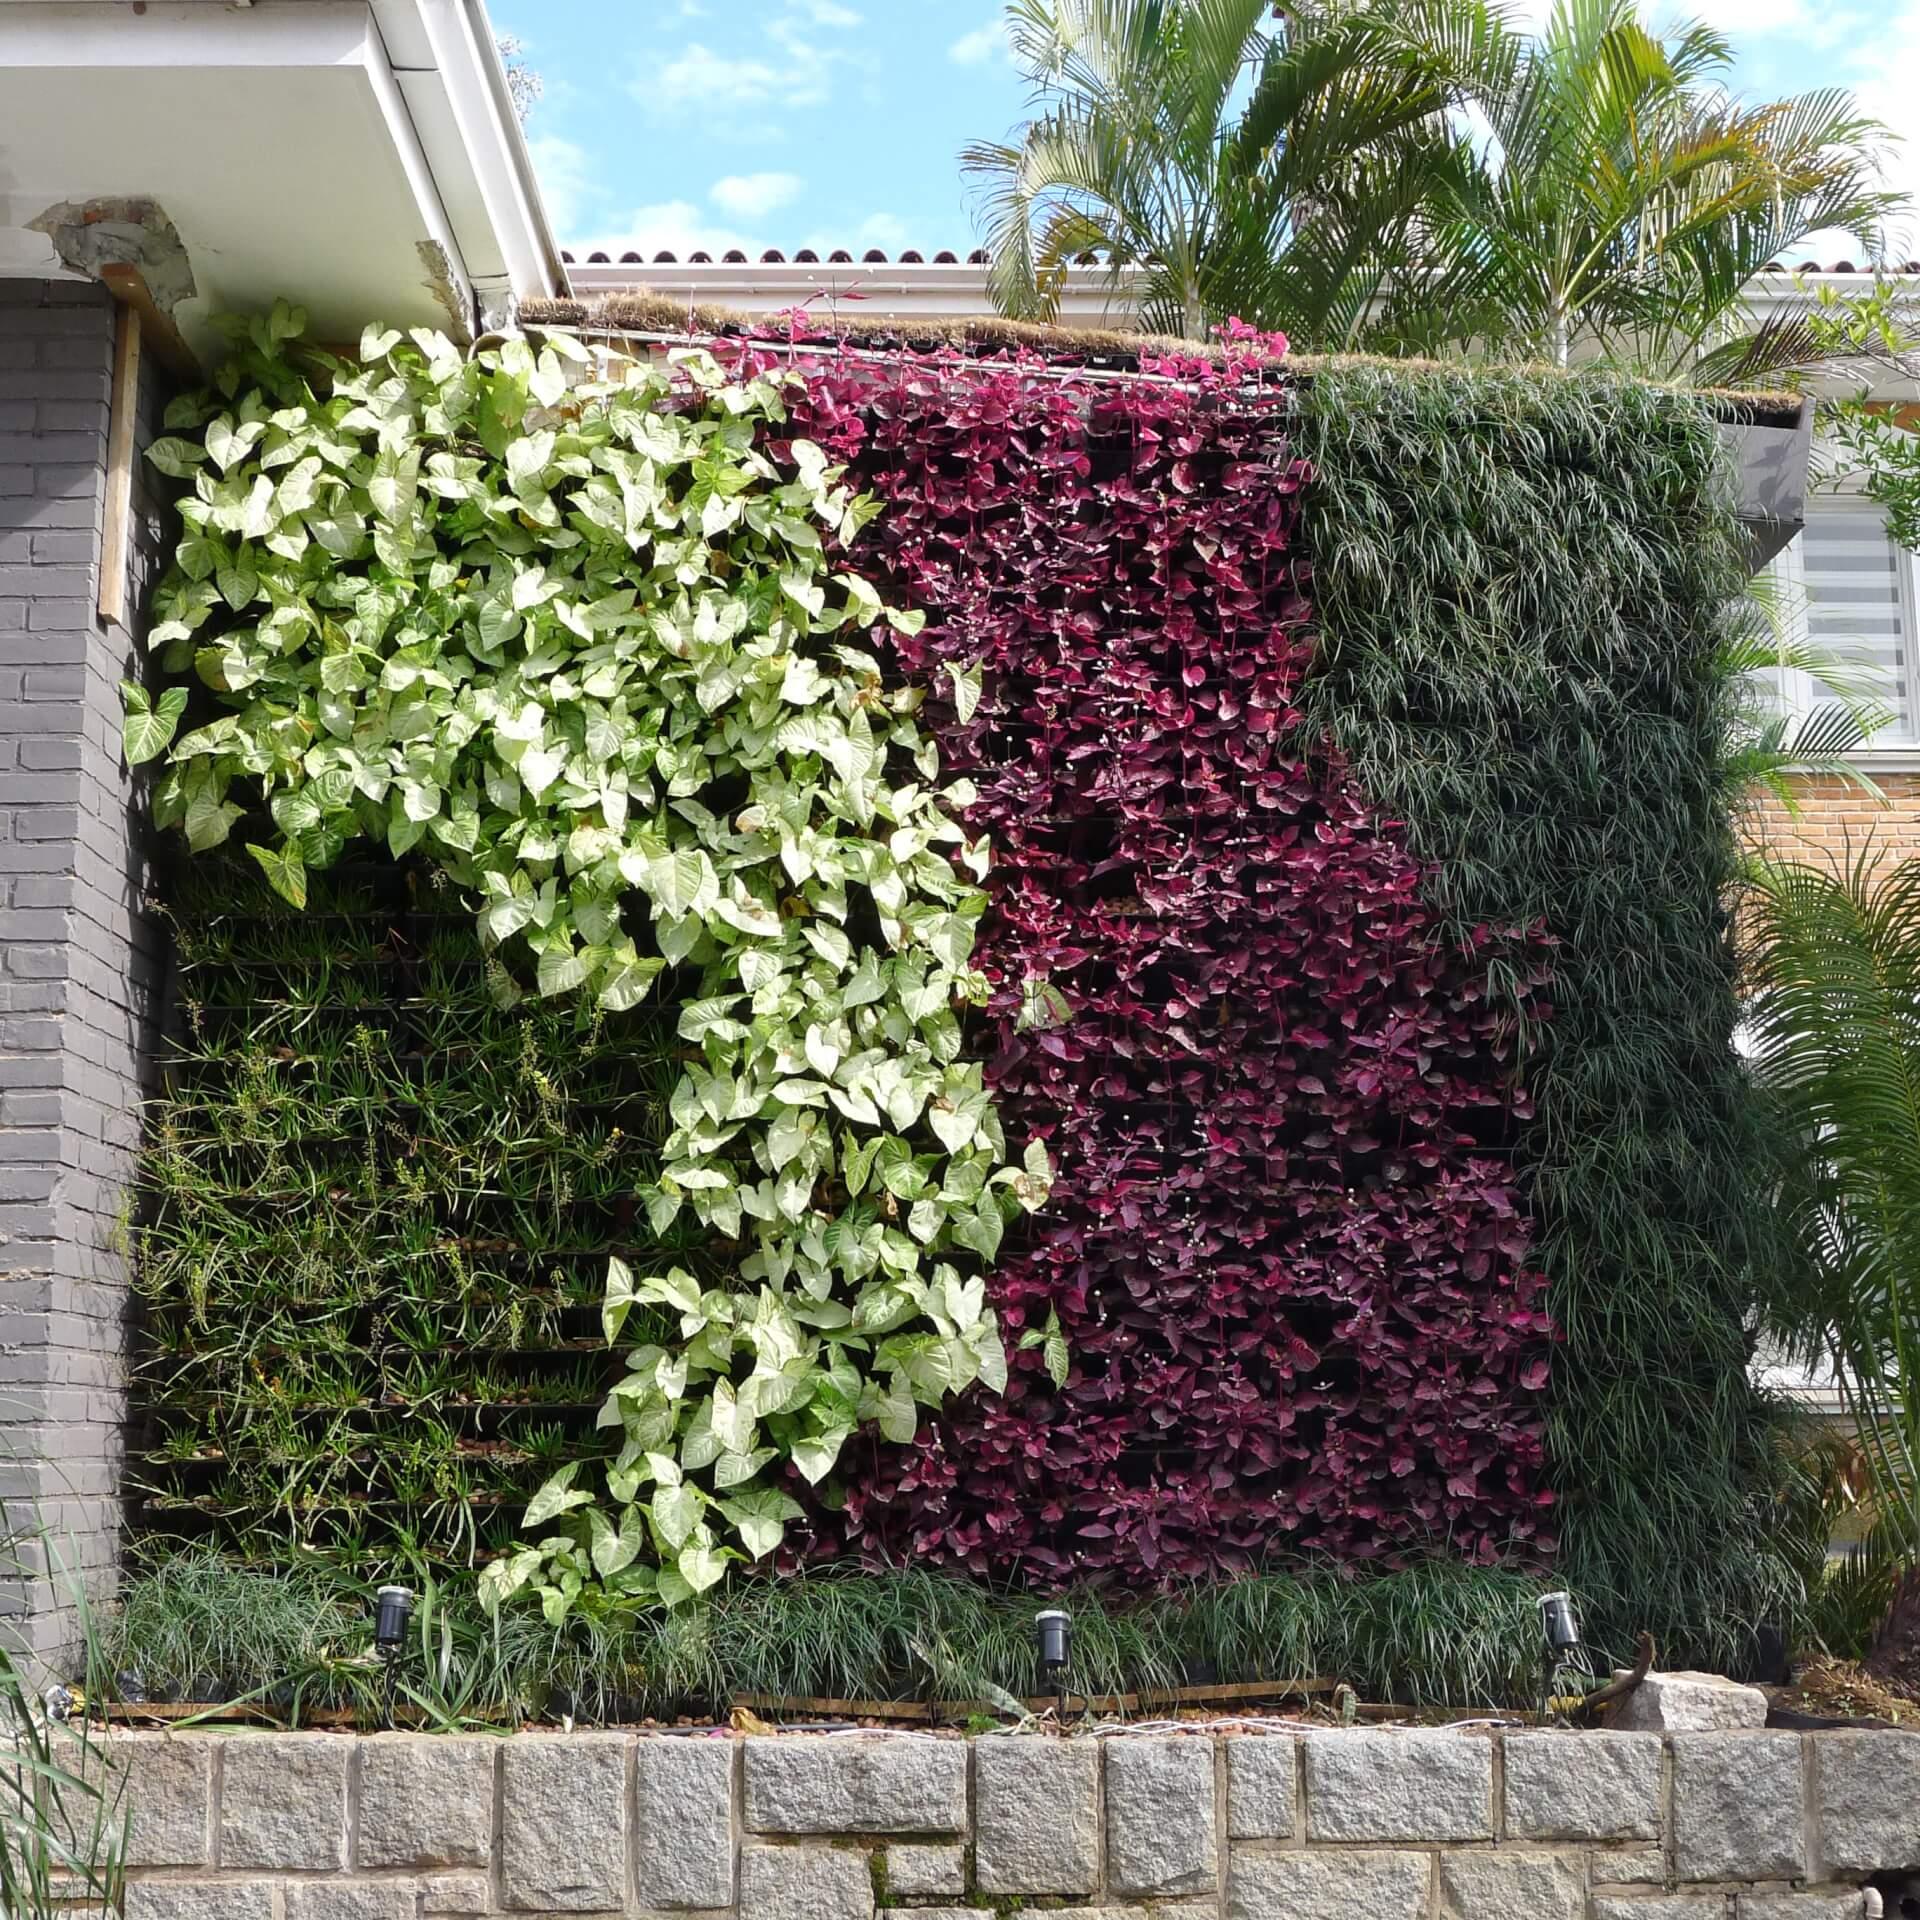 de Fotos Ecotelhado  Ecotelhado  Telhados Verdes, Jardim Vertical